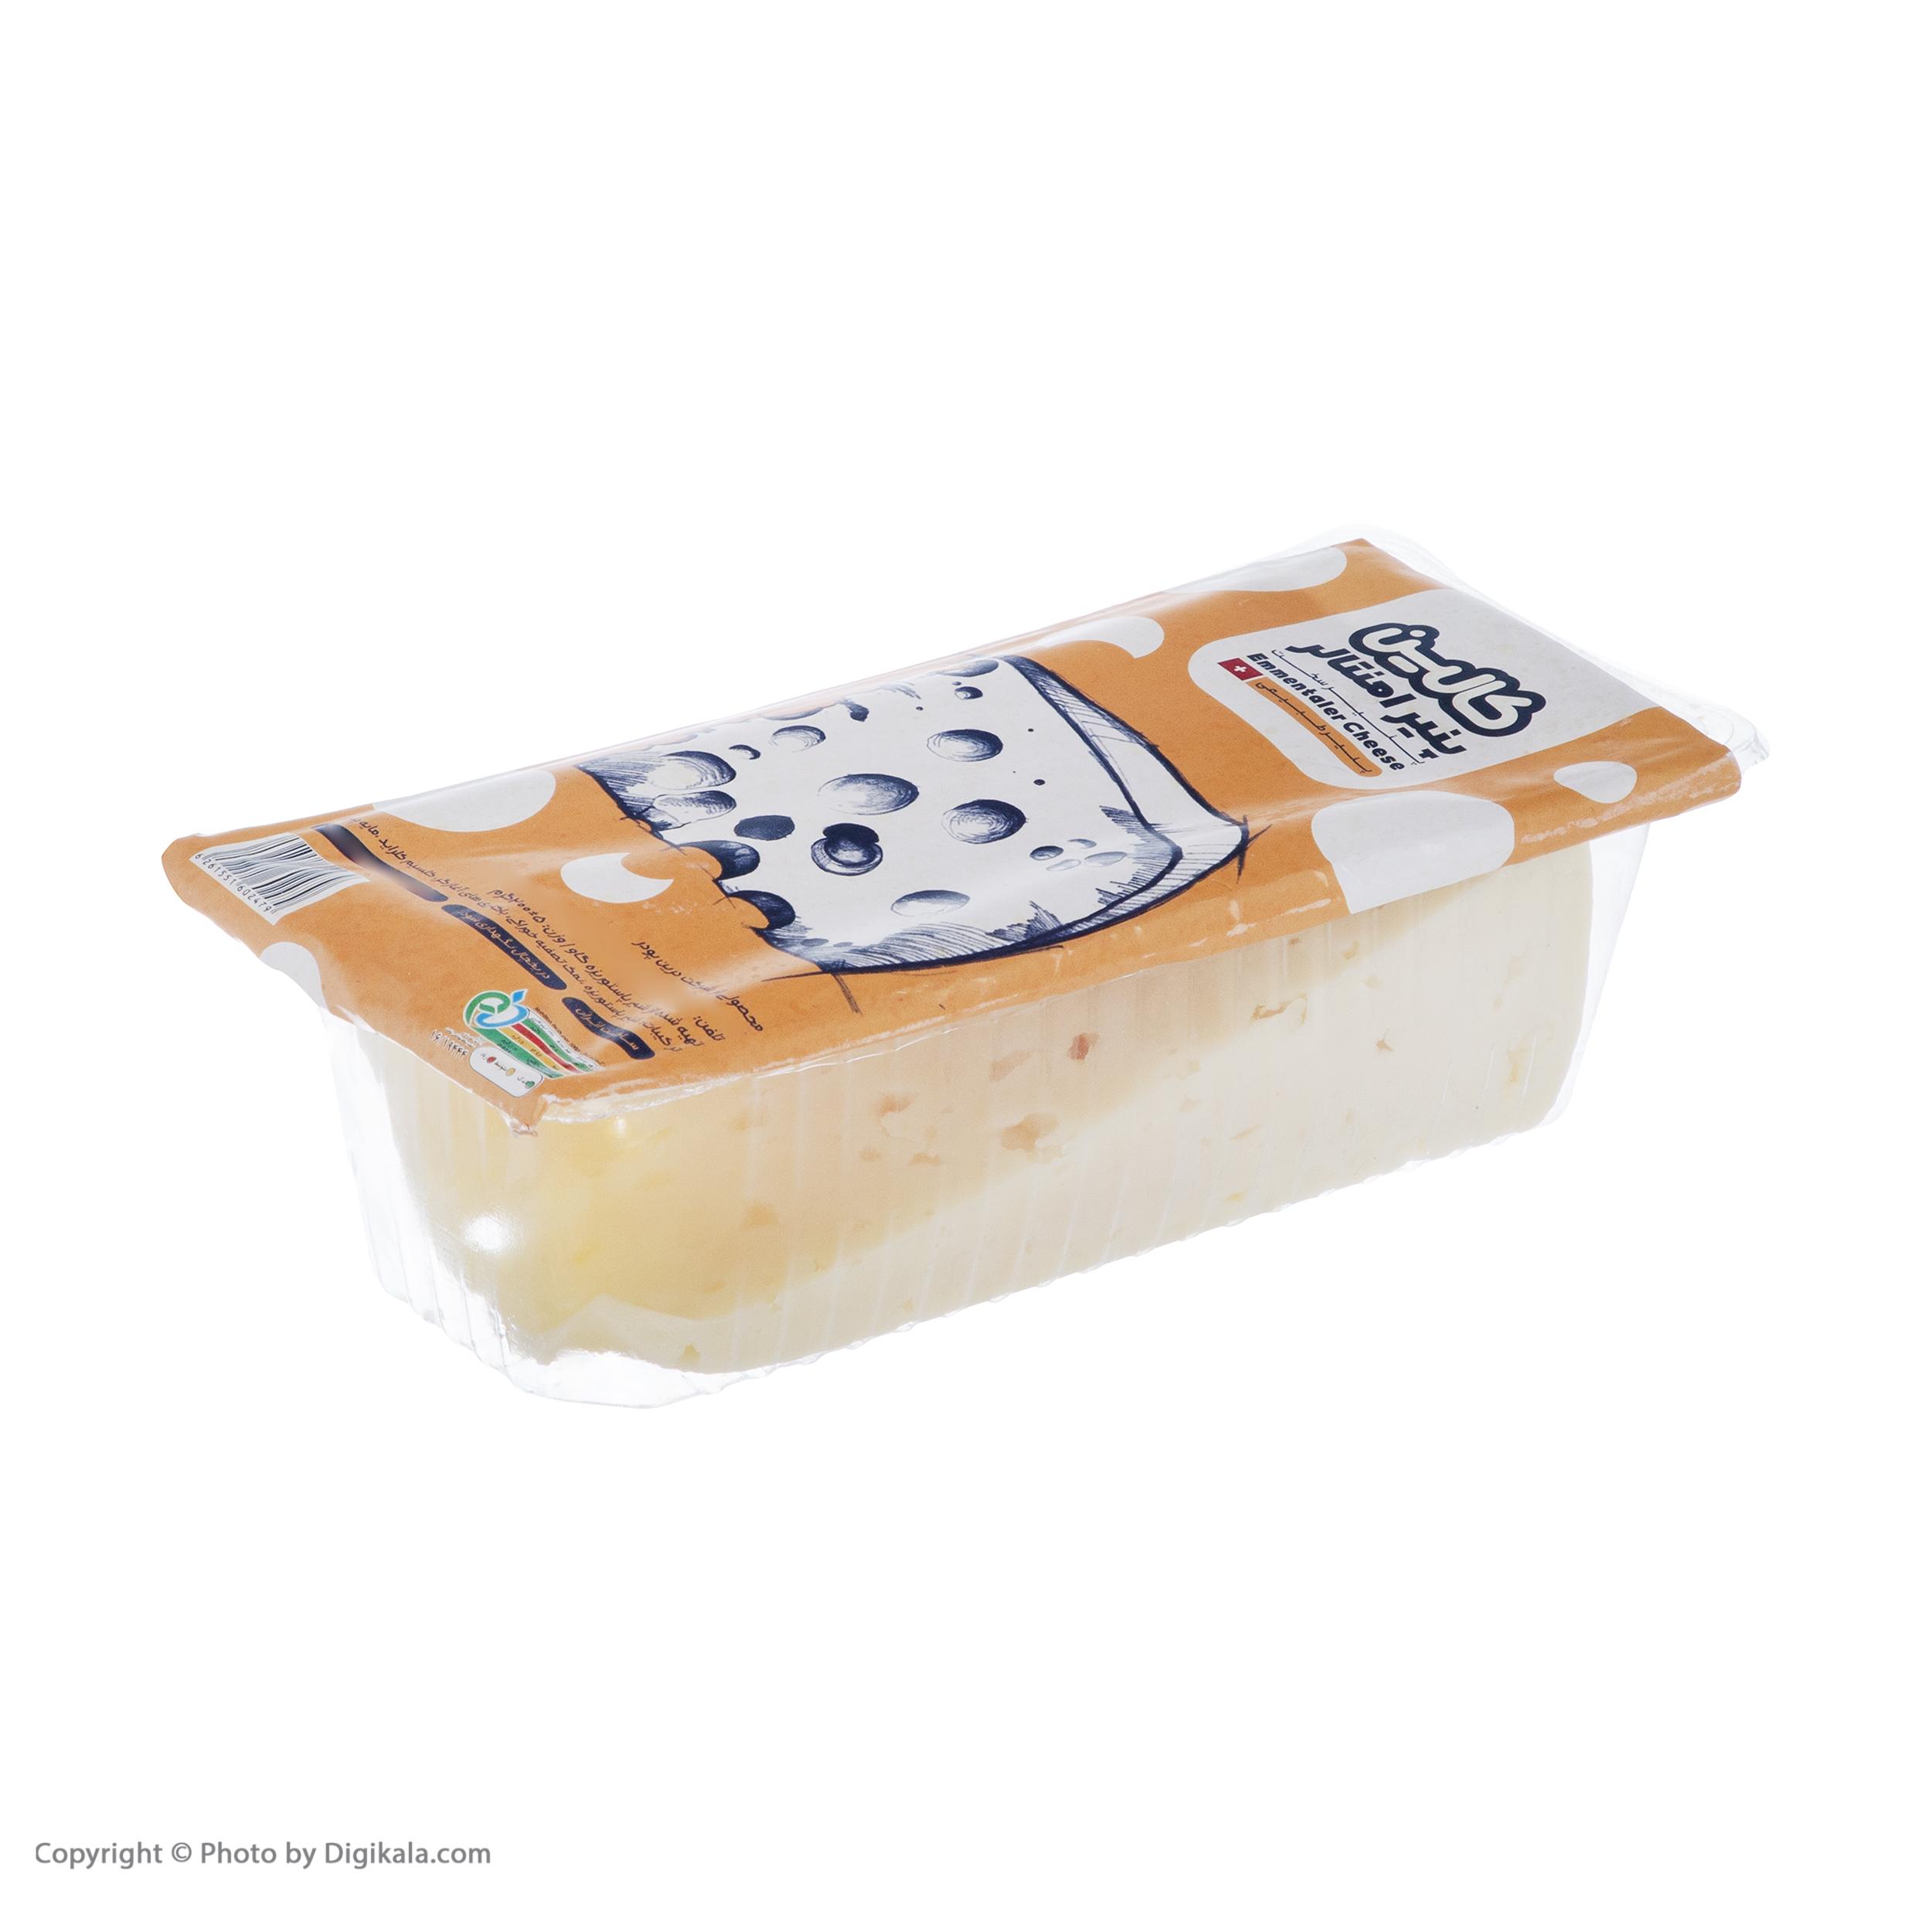 پنیر امنتالر کالین - 200 گرم  main 1 2